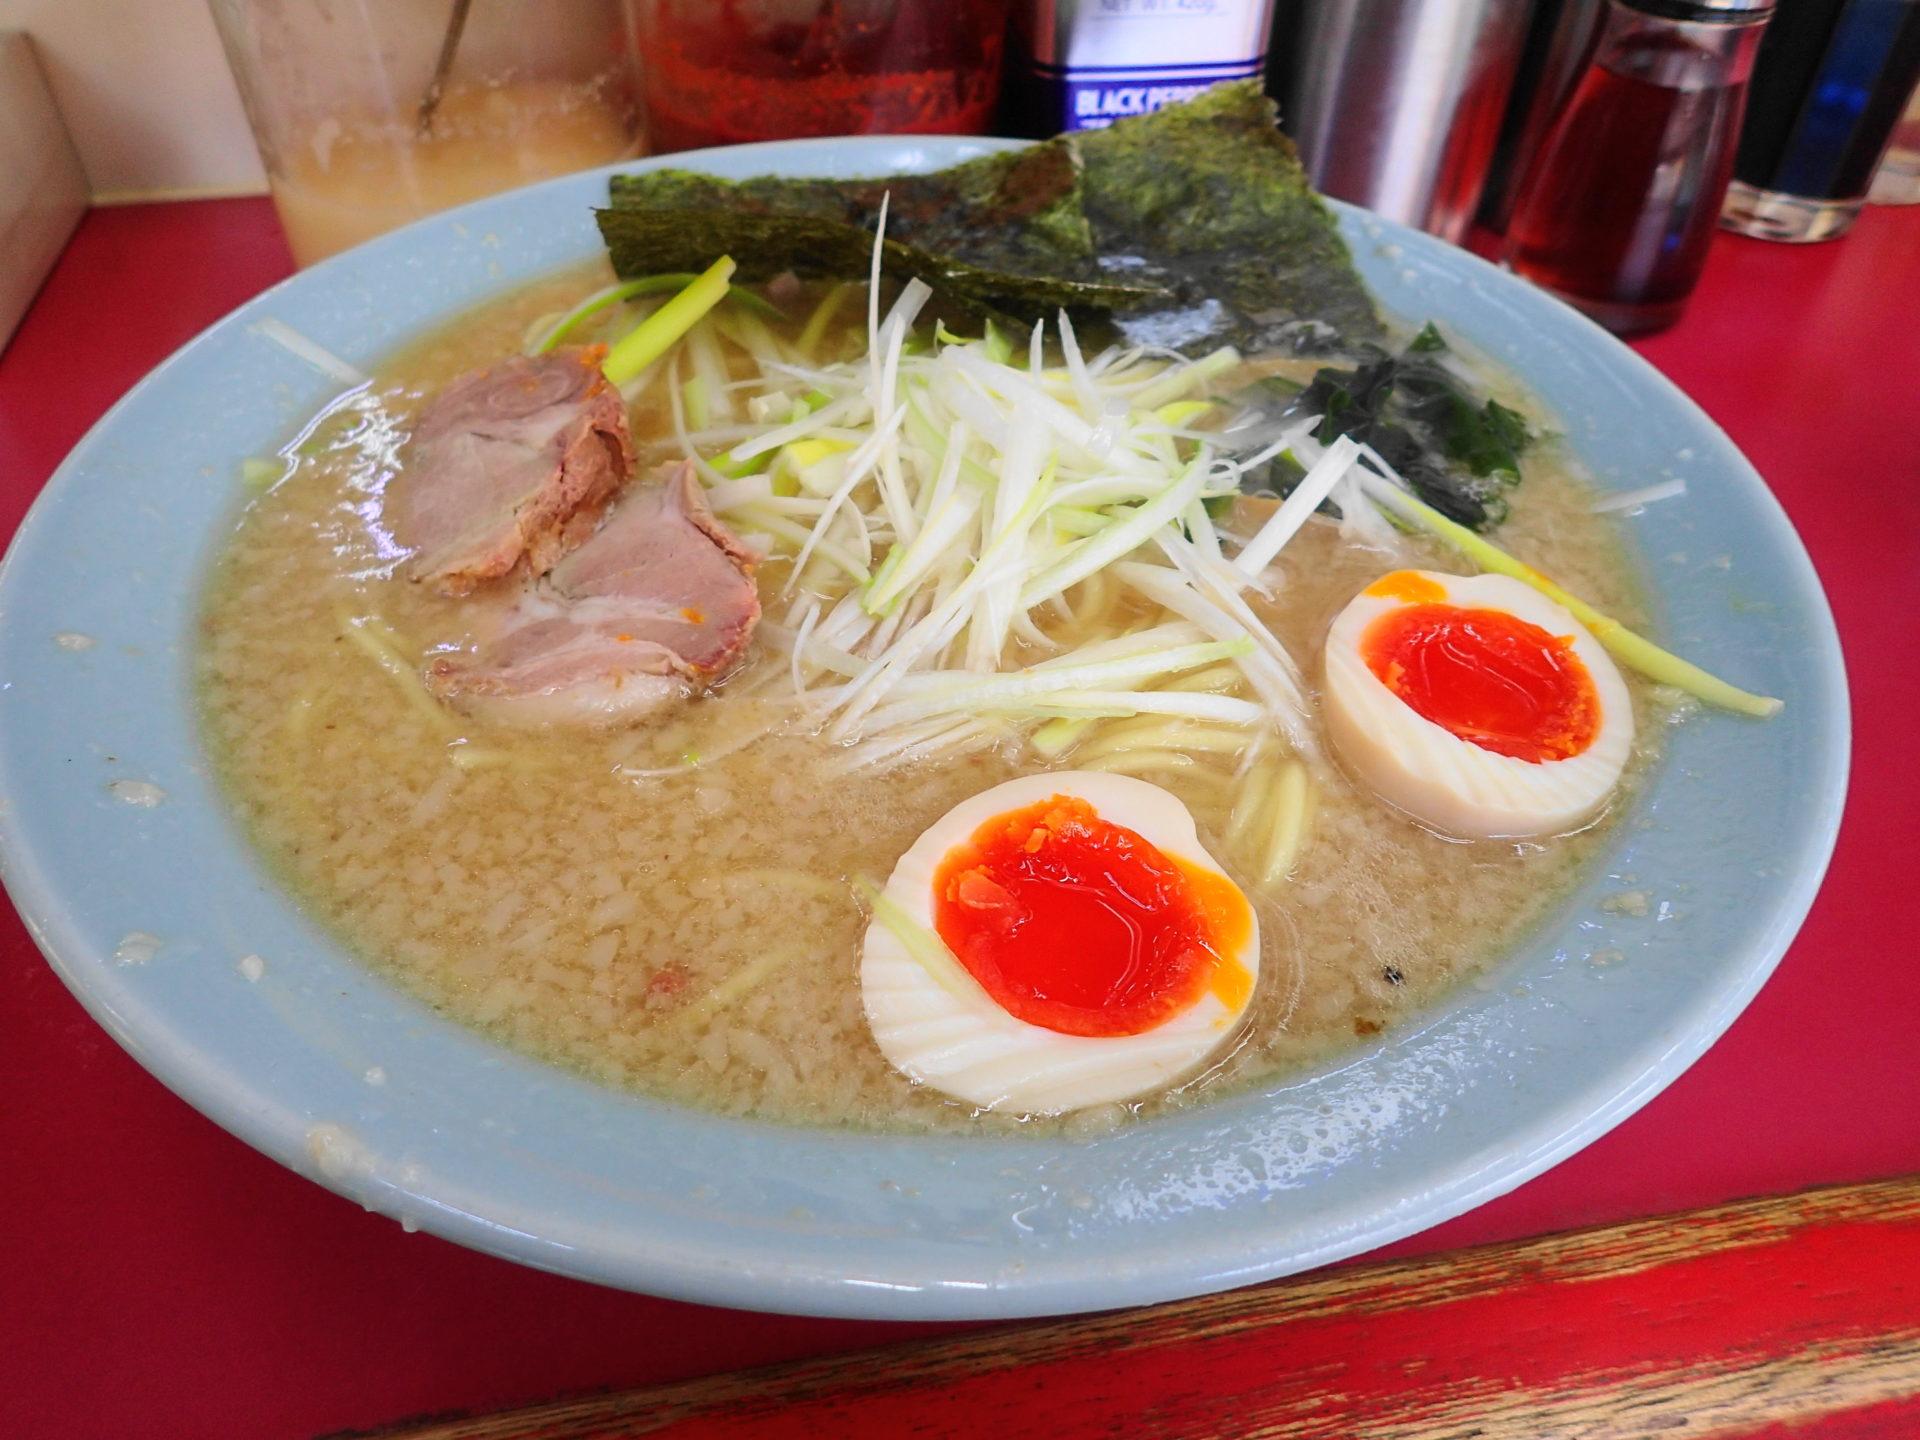 日本一美味しいラーメンショップが茨城に!牛久結束店に行ってきたよ - いばらじお♪